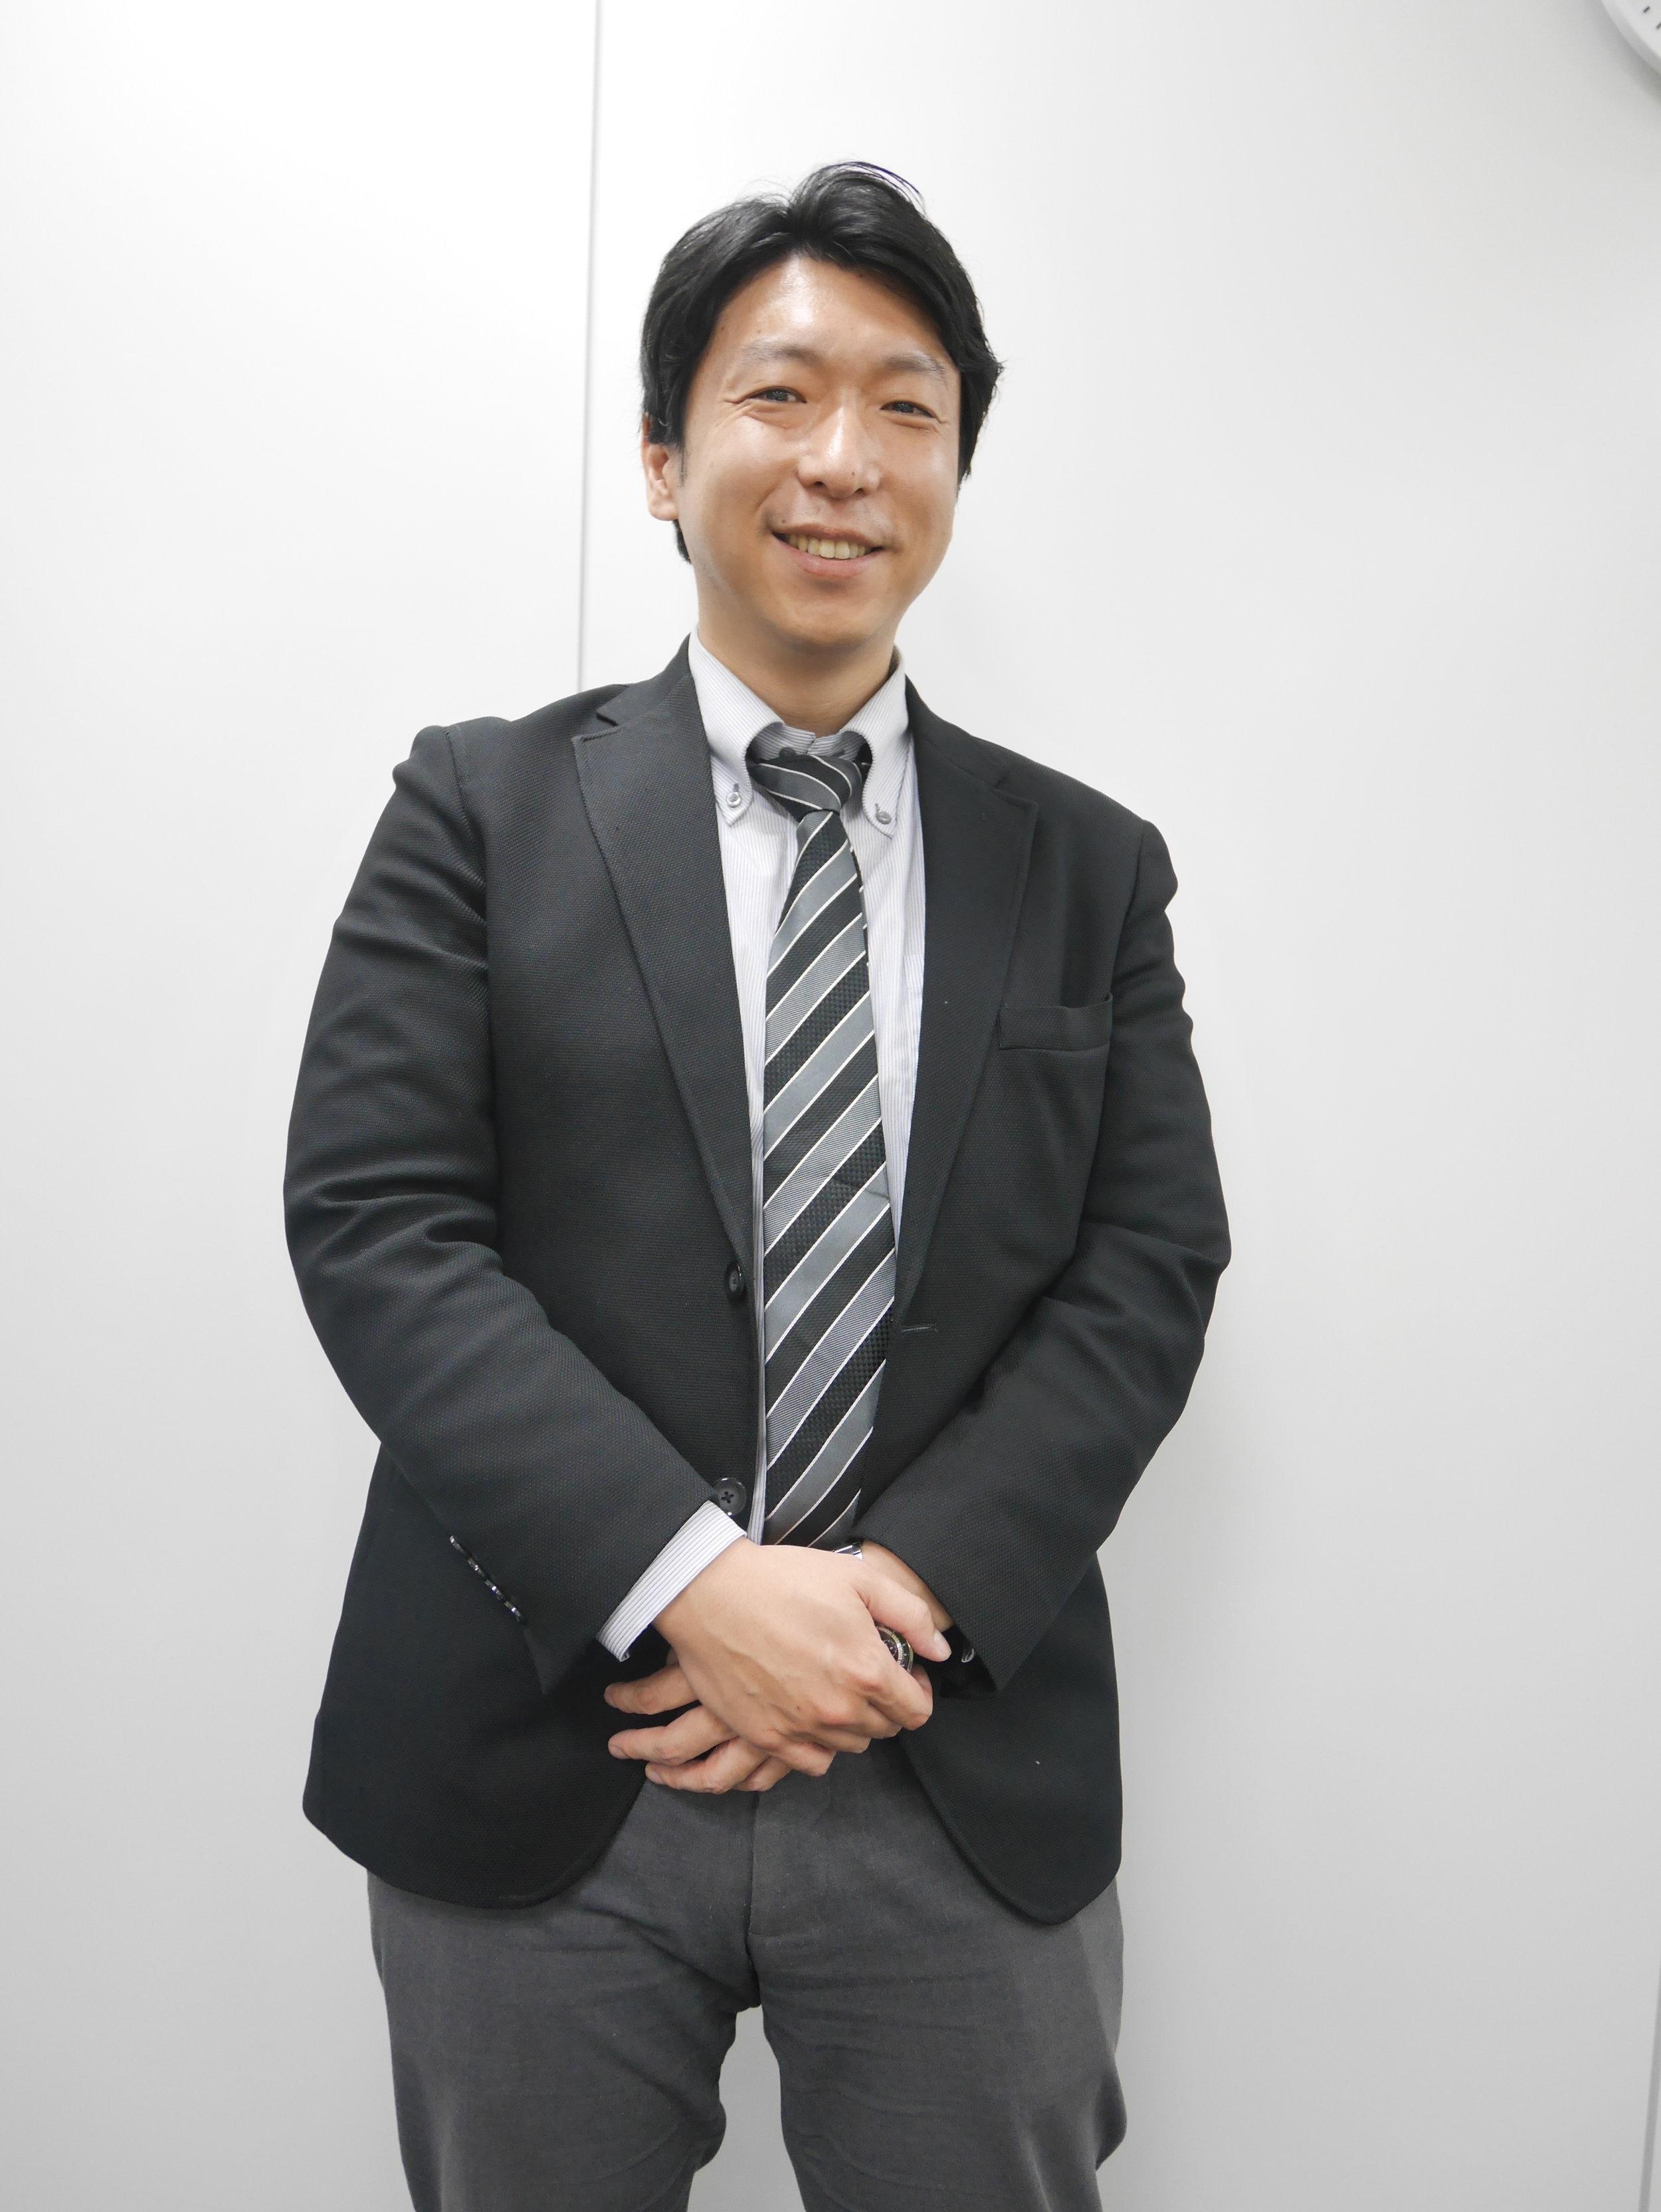 トーク税理士法人・山口様.JPG